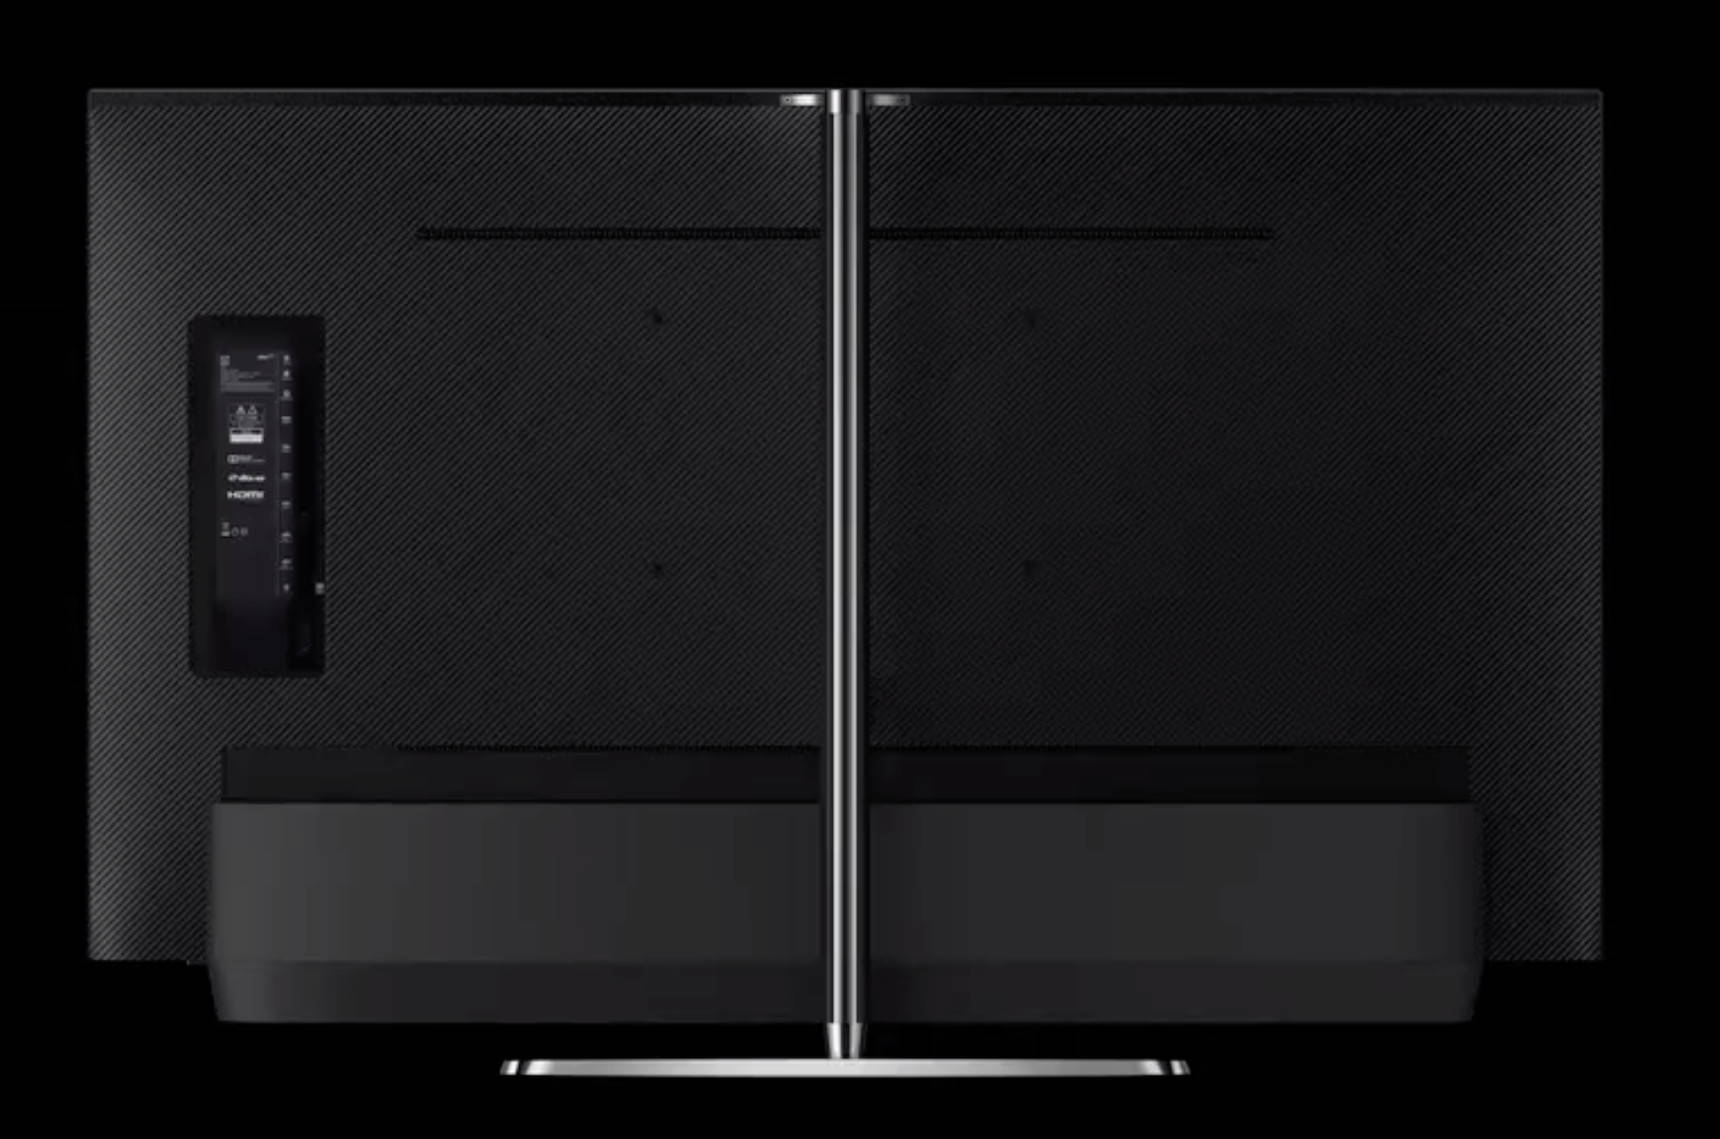 Premiera OnePlus TV cena specyfikacja techniczna opinie gdzie kupić najtaniej w Polsce kiedy telewizor Android TV z OxygenOS TV